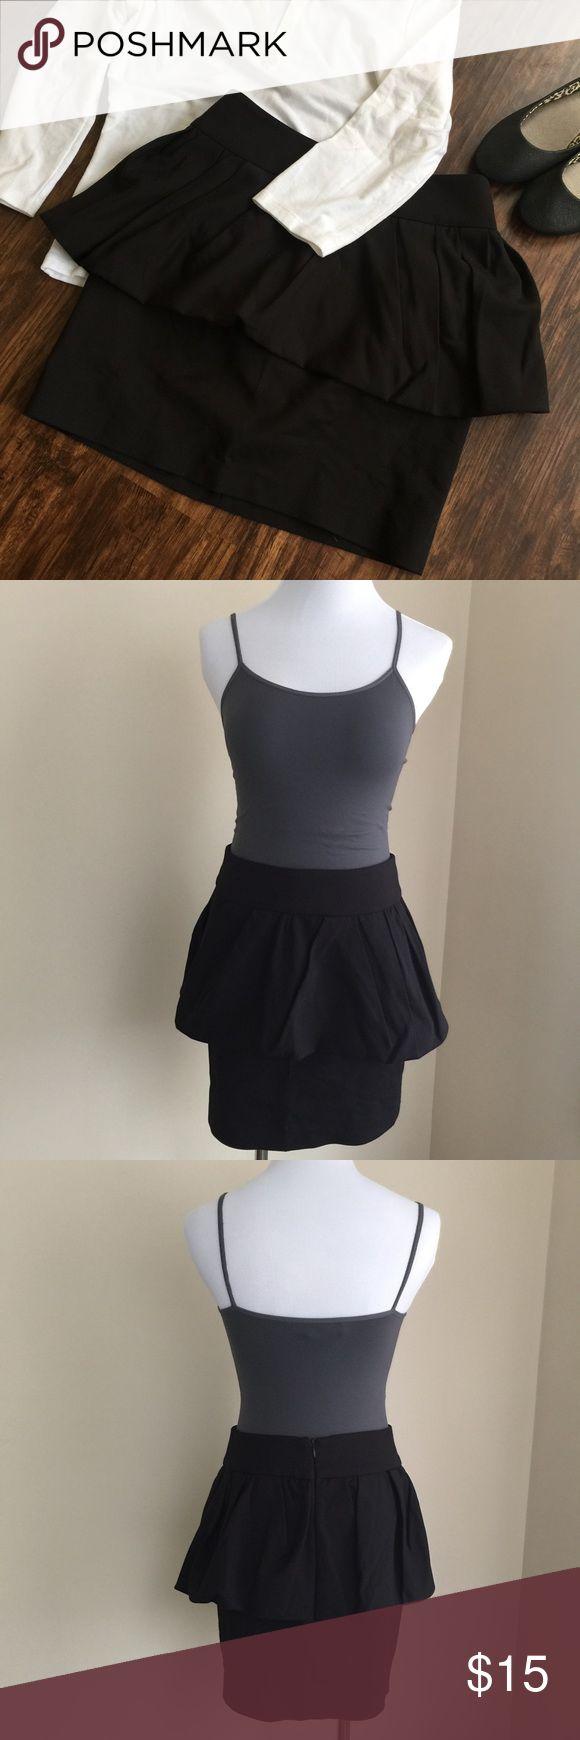 """Zara black peplum skirt sz S Zara Woman black peplum skirt, size S.  Mini length, hidden back zip, wide waistband.  Condition:  excellent pre-loved.  Material:  51% cotton/46% polyester/3% elastane.  Measurements (approximate, taken laying flat):  length 16"""", flat waist 14"""", flat hip 16.5"""". Zara Skirts Mini"""